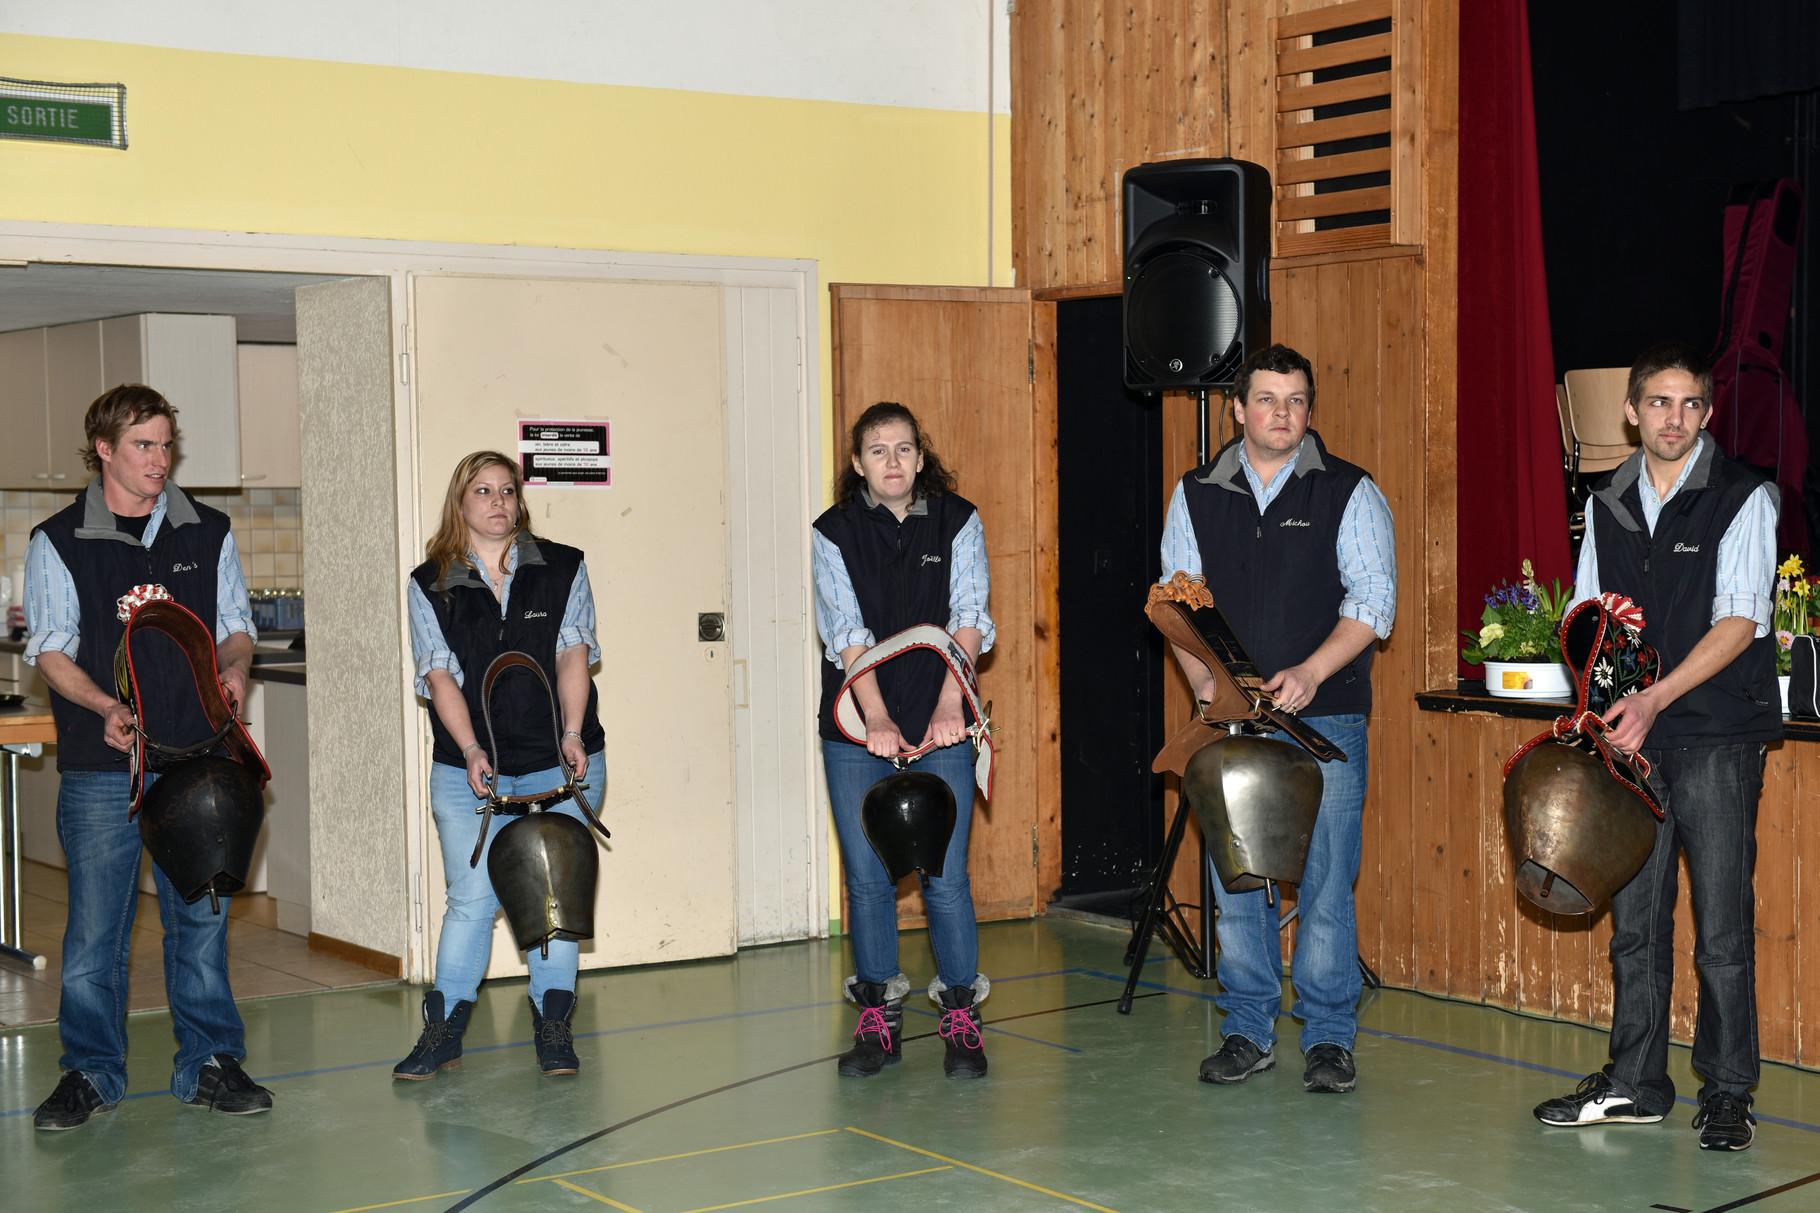 2016.02.07 / Stubete de Nods / Sonneurs de toupins du plateau de Diesse